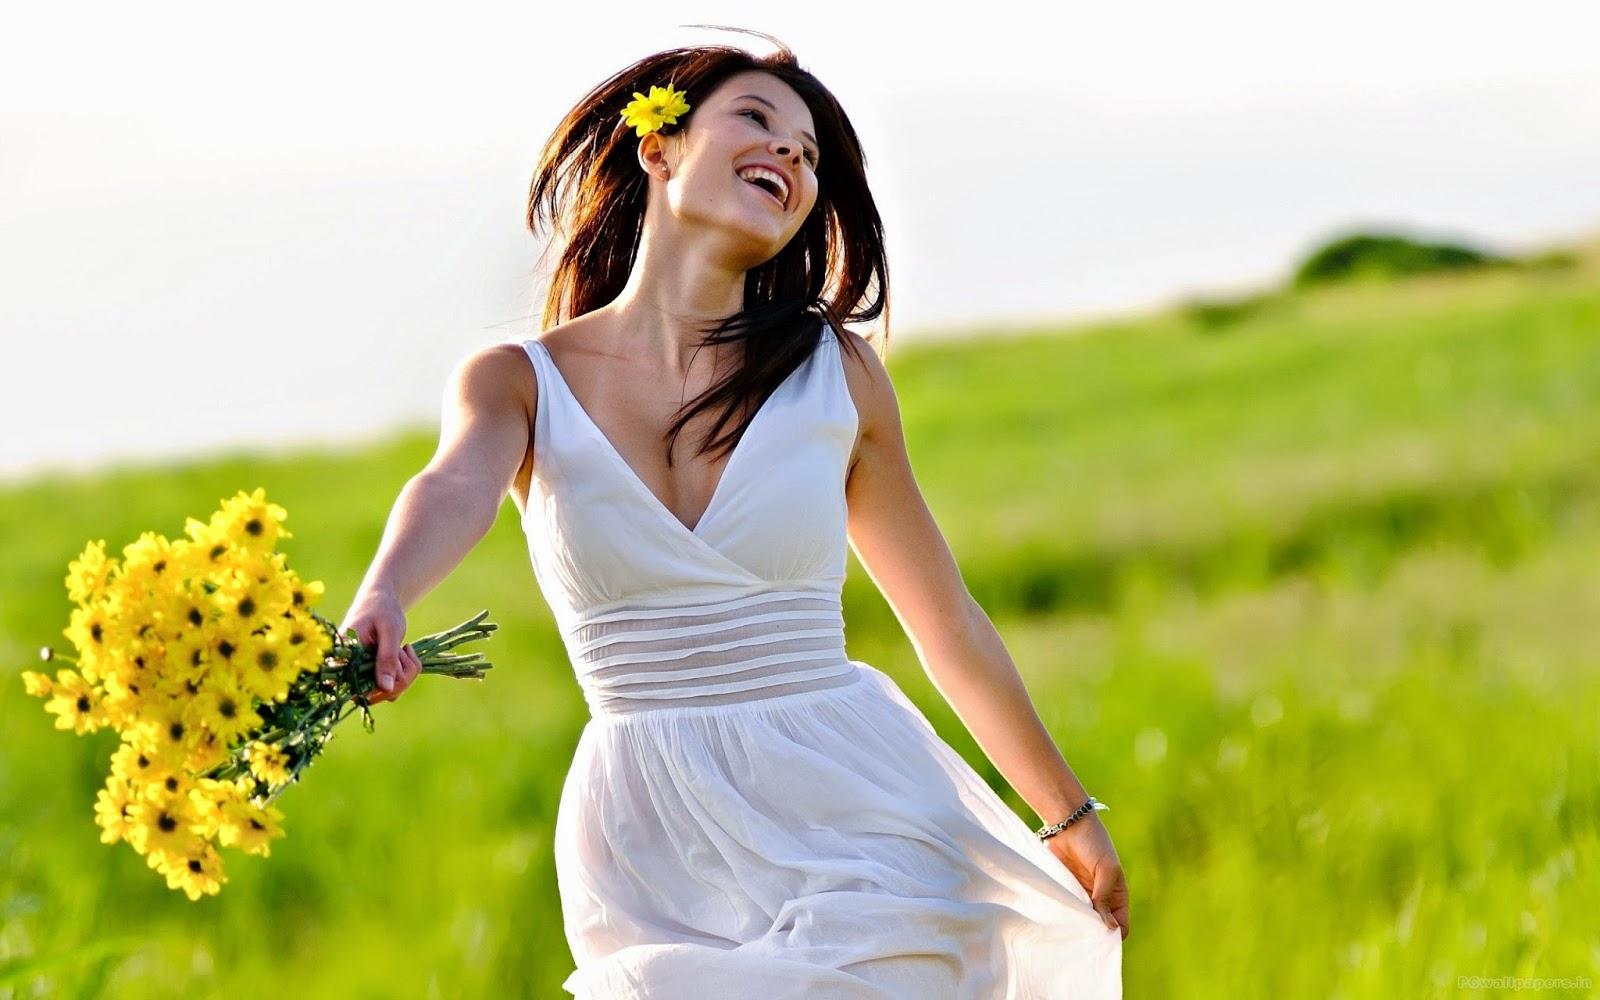 When a Woman Feels Happy 83